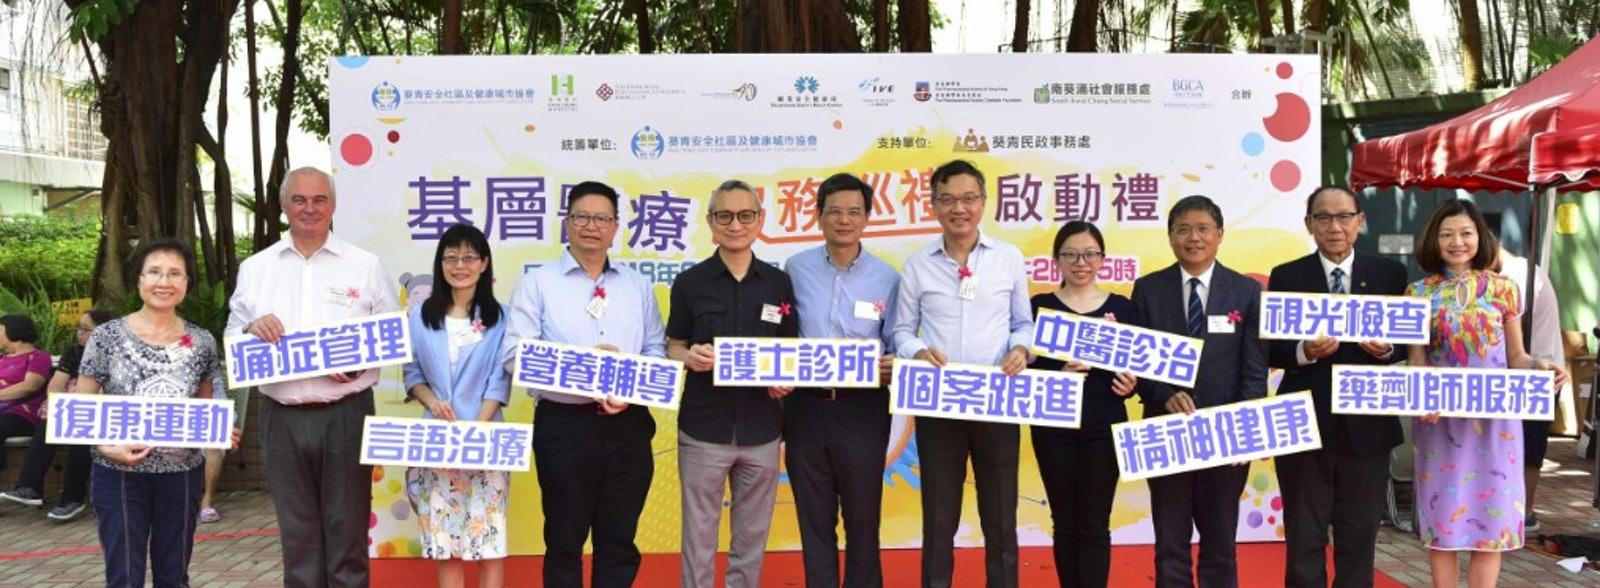 葵青安全社區及健康城市協會主席周奕希(左六)表示,會按照標書要求,將聘請護士、物理治療師、社工等人員。(協會網頁截圖)